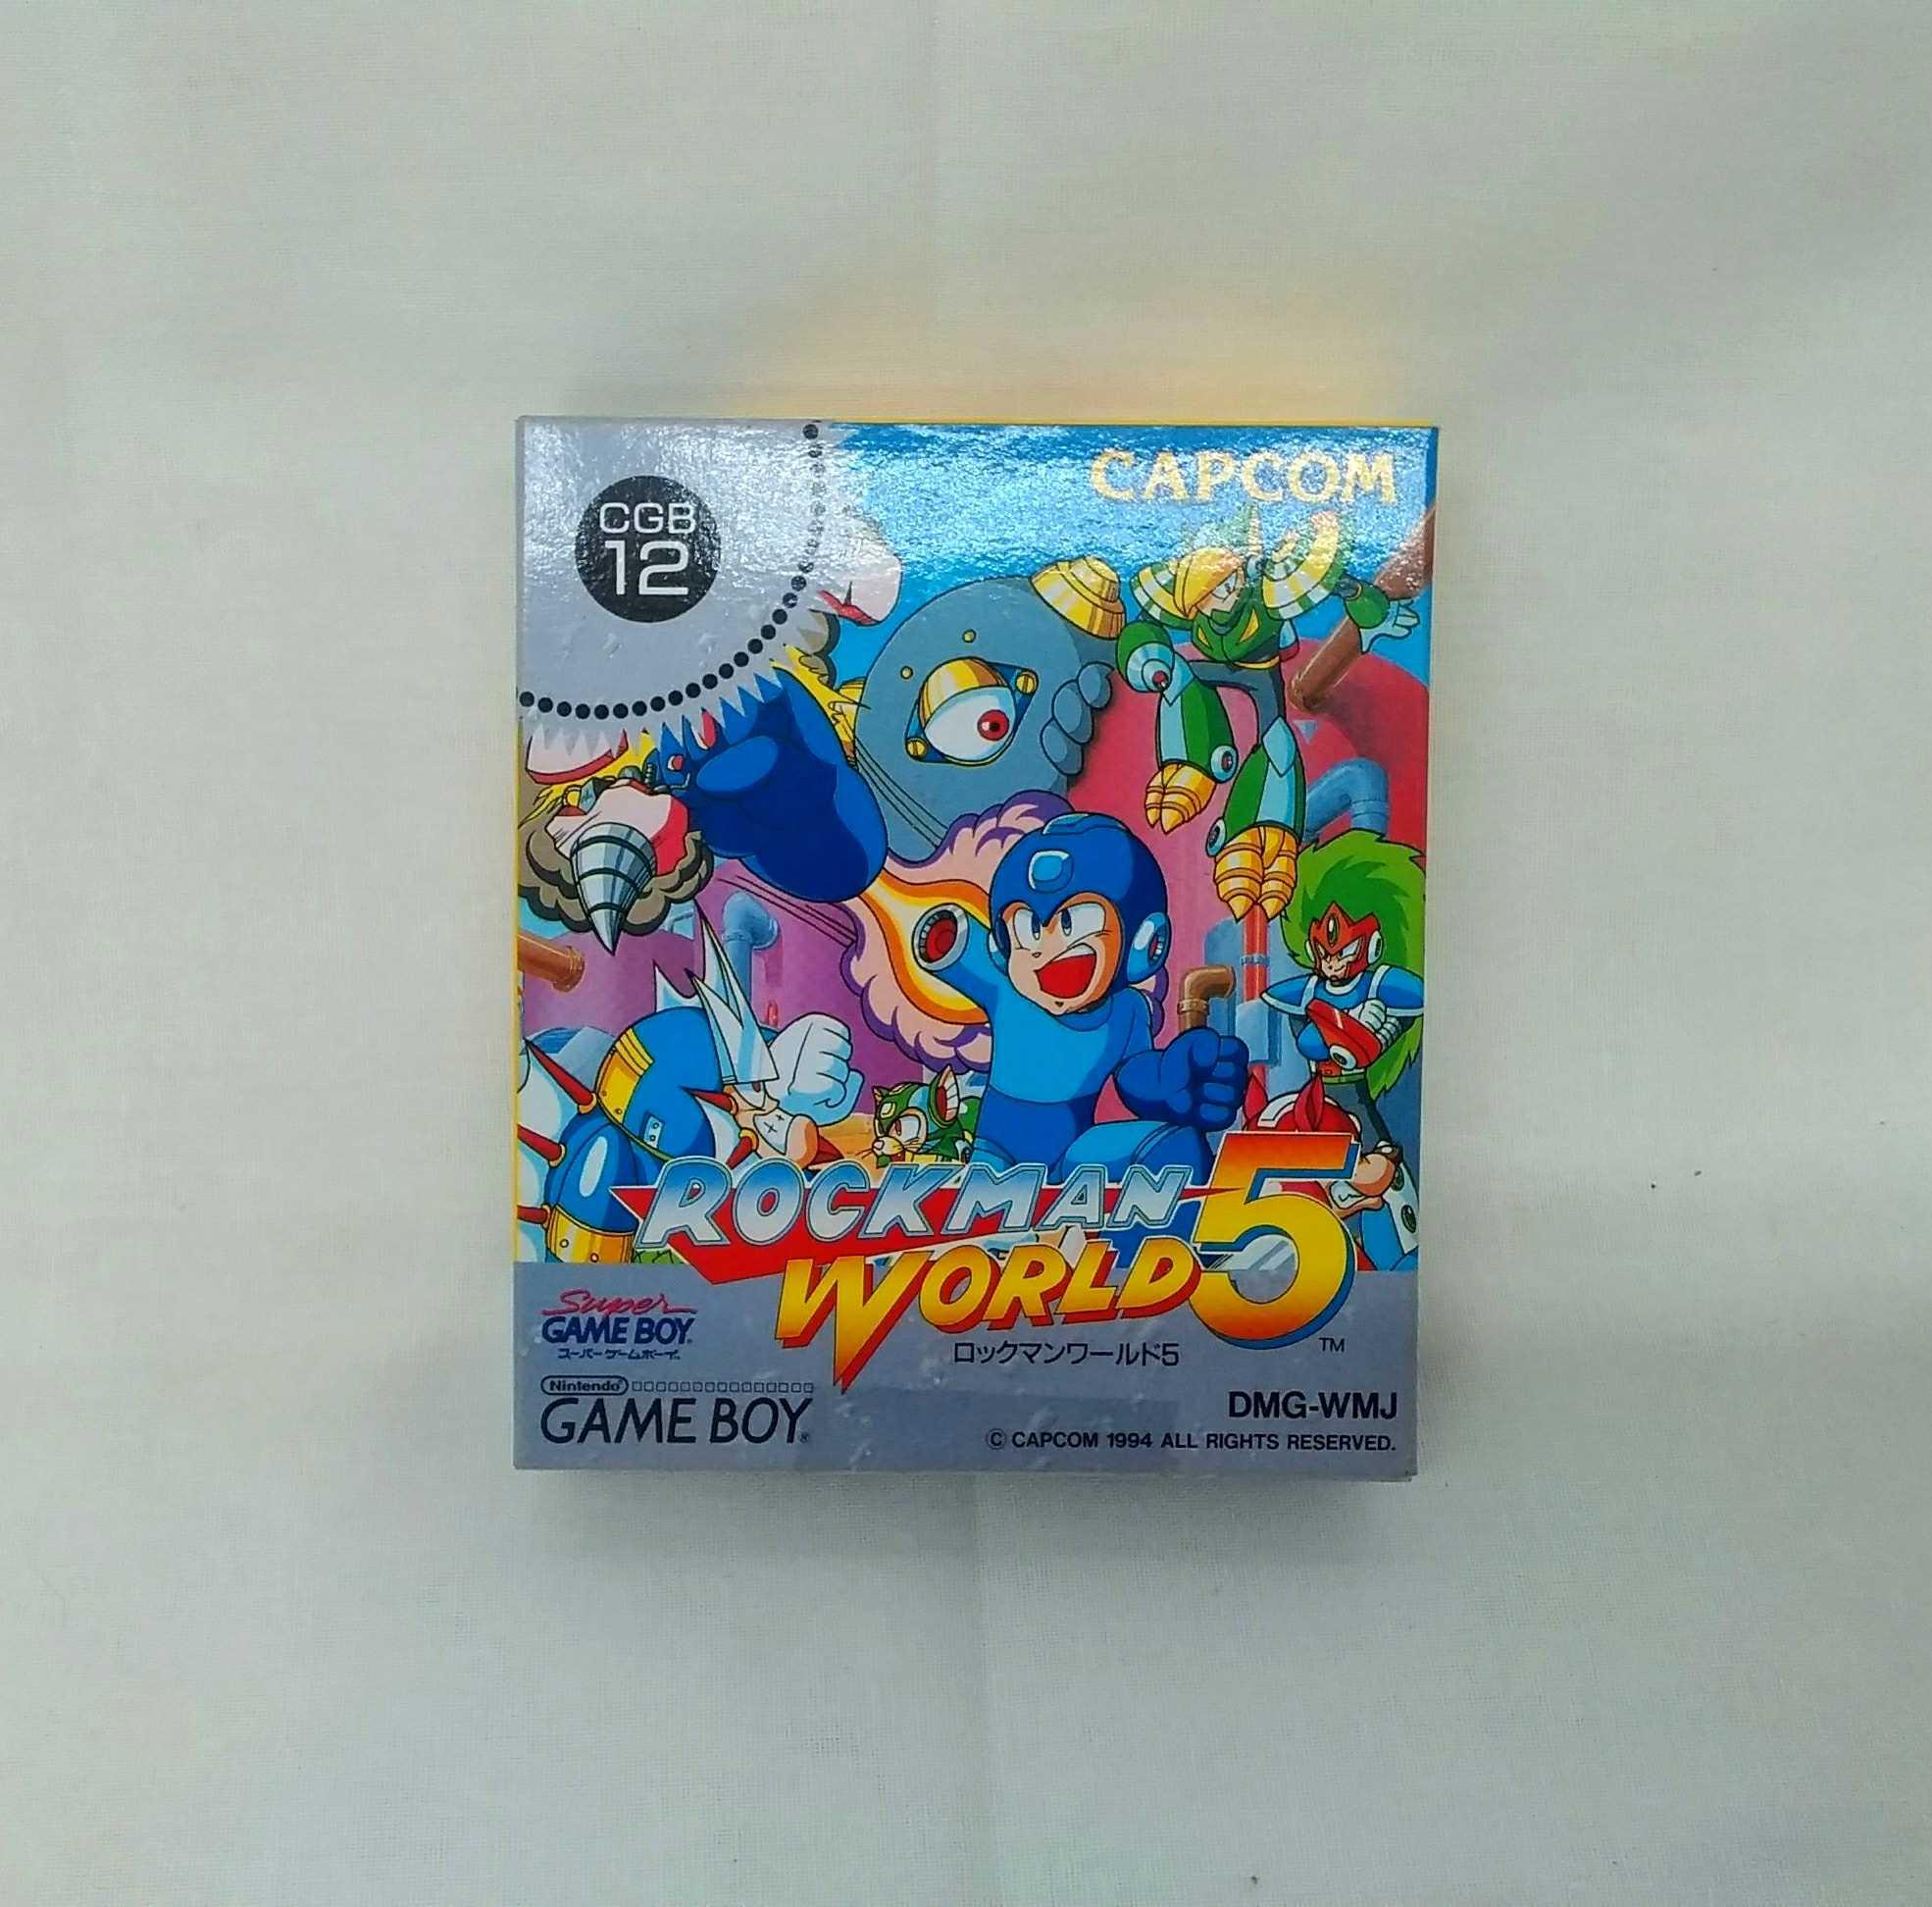 ゲームボーイソフト ロックマンワールド5|CAPCOM